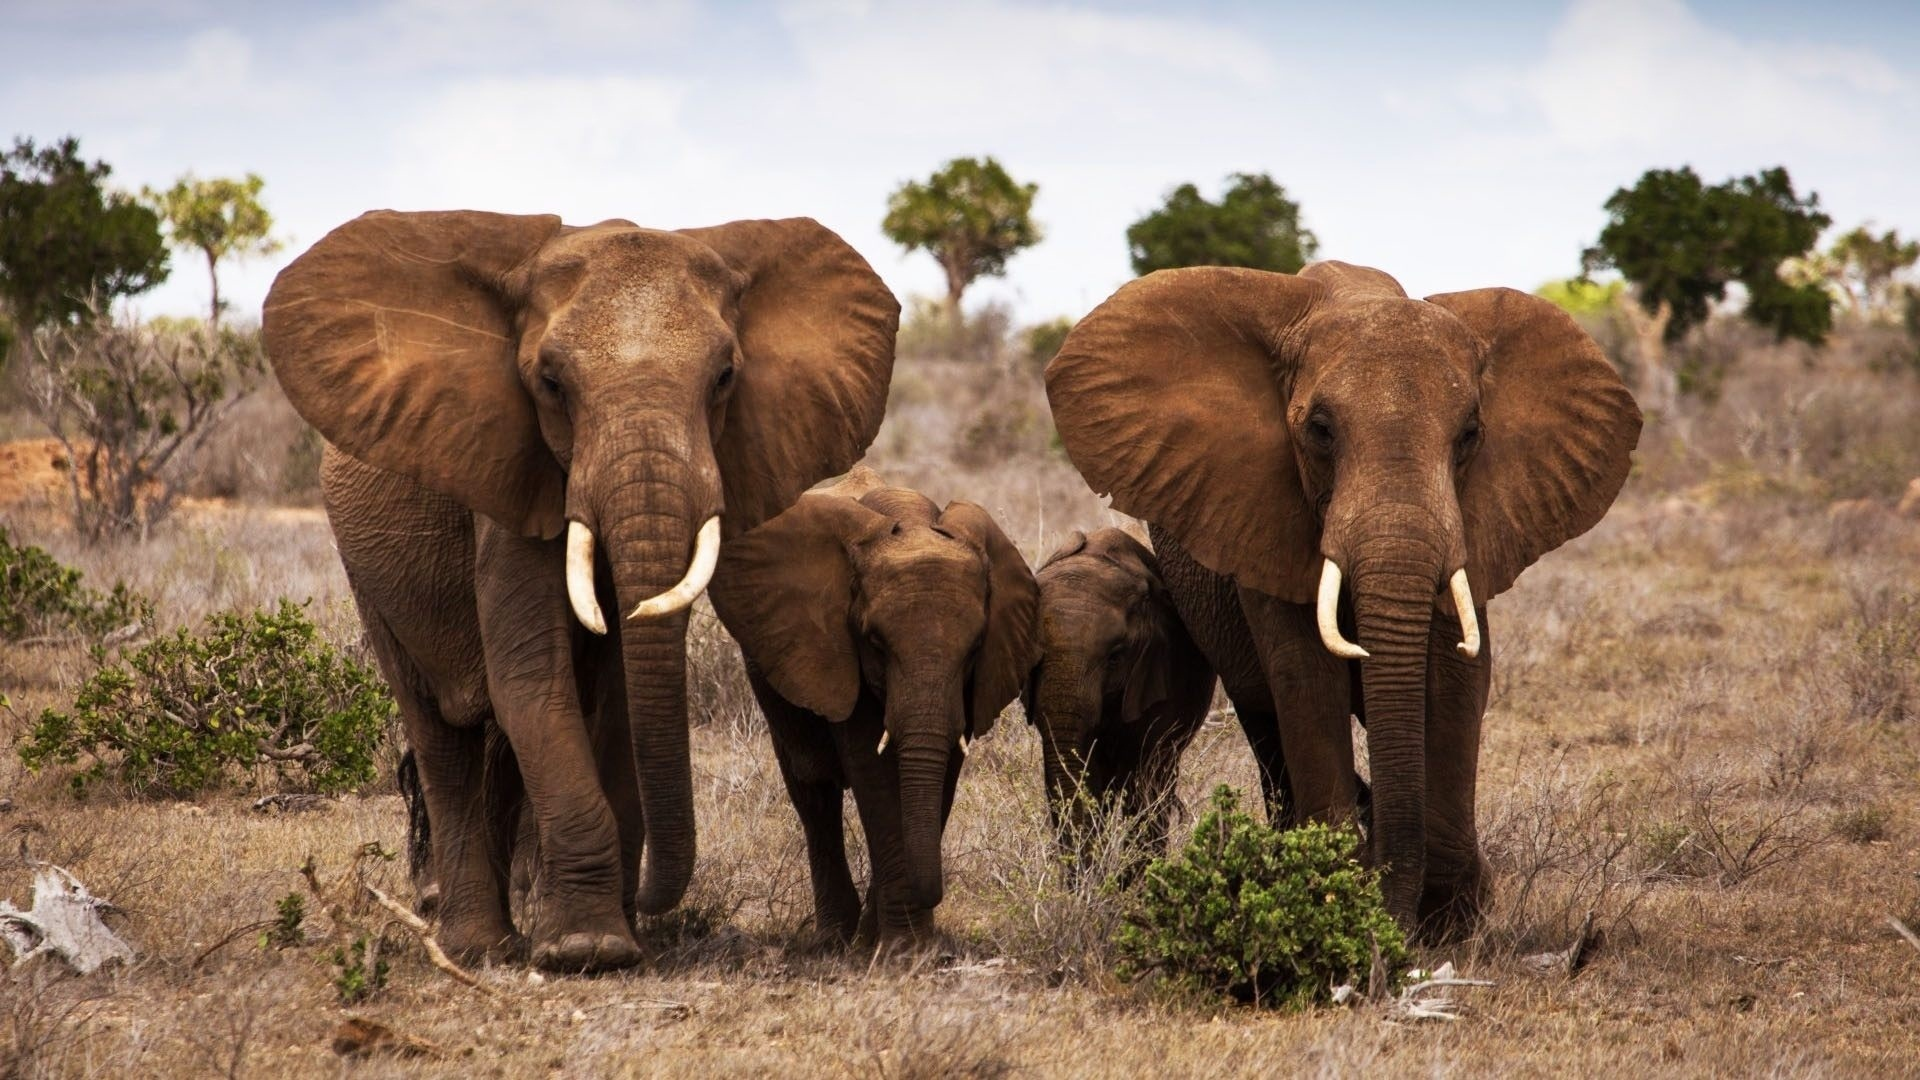 Elephant family wallpaper